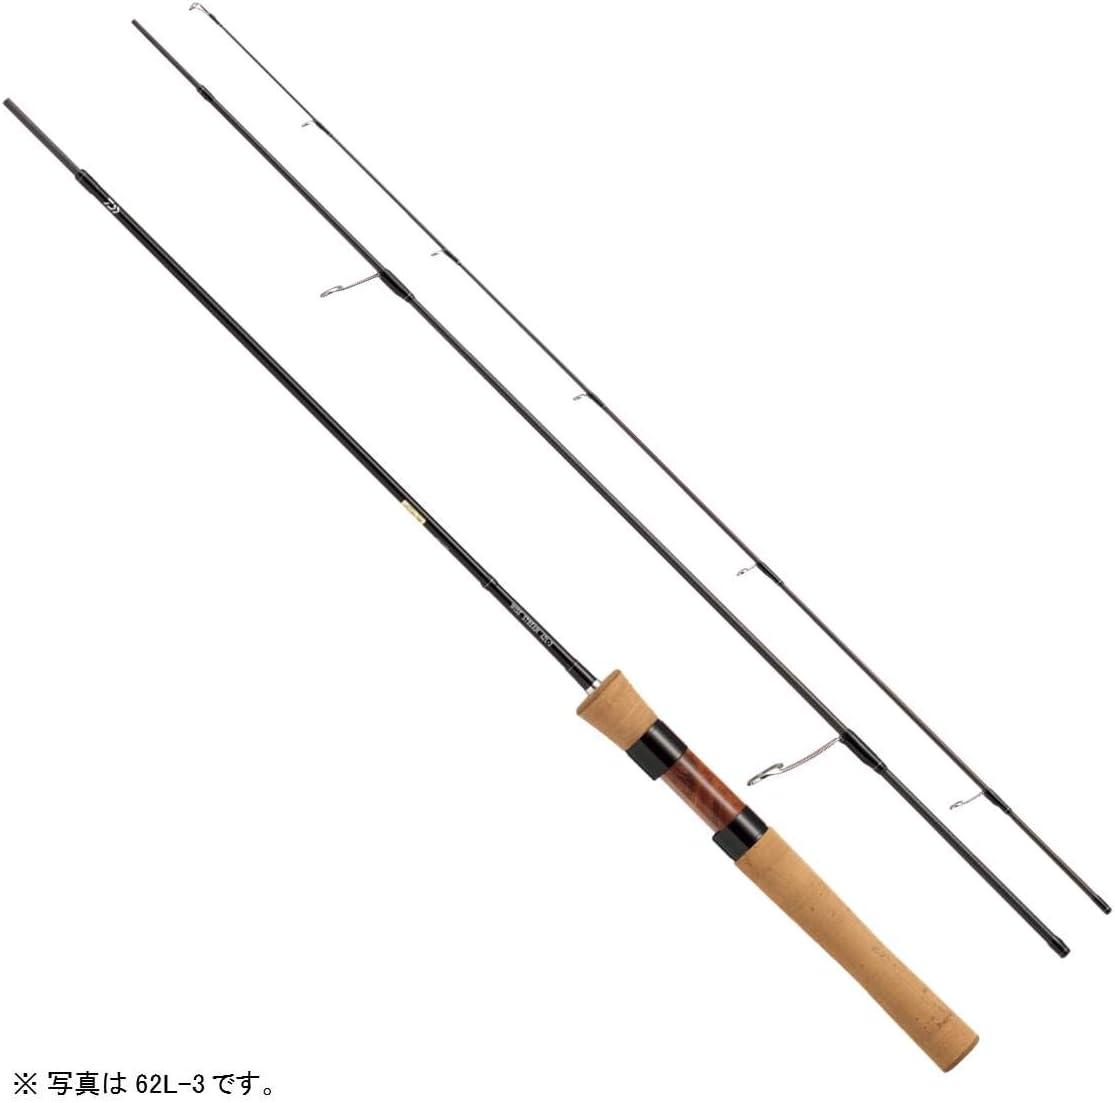 ダイワ(DAIWA) トラウトロッド スピニング ワイズストリーム 62L-3 ネイティブ トラウト 釣り竿